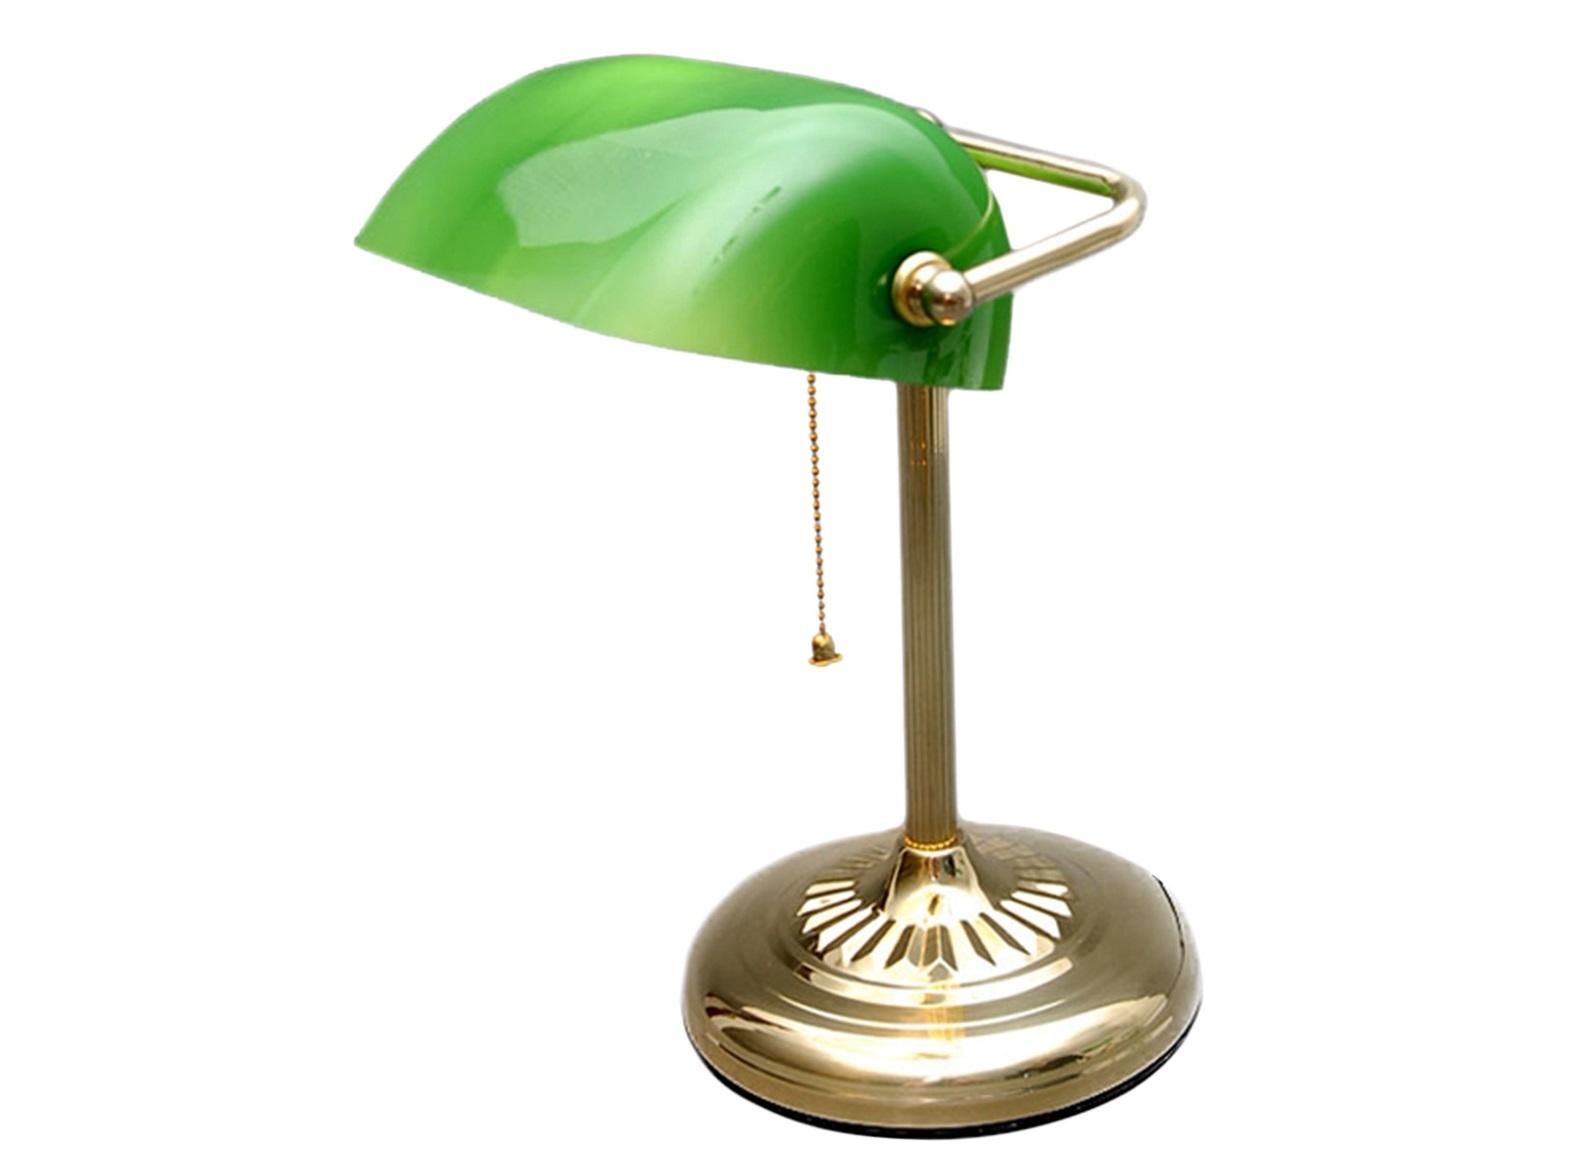 СветильникДекоративные лампы<br><br><br>Material: Металл<br>Ширина см: 20.0<br>Высота см: 37.0<br>Глубина см: 10.0